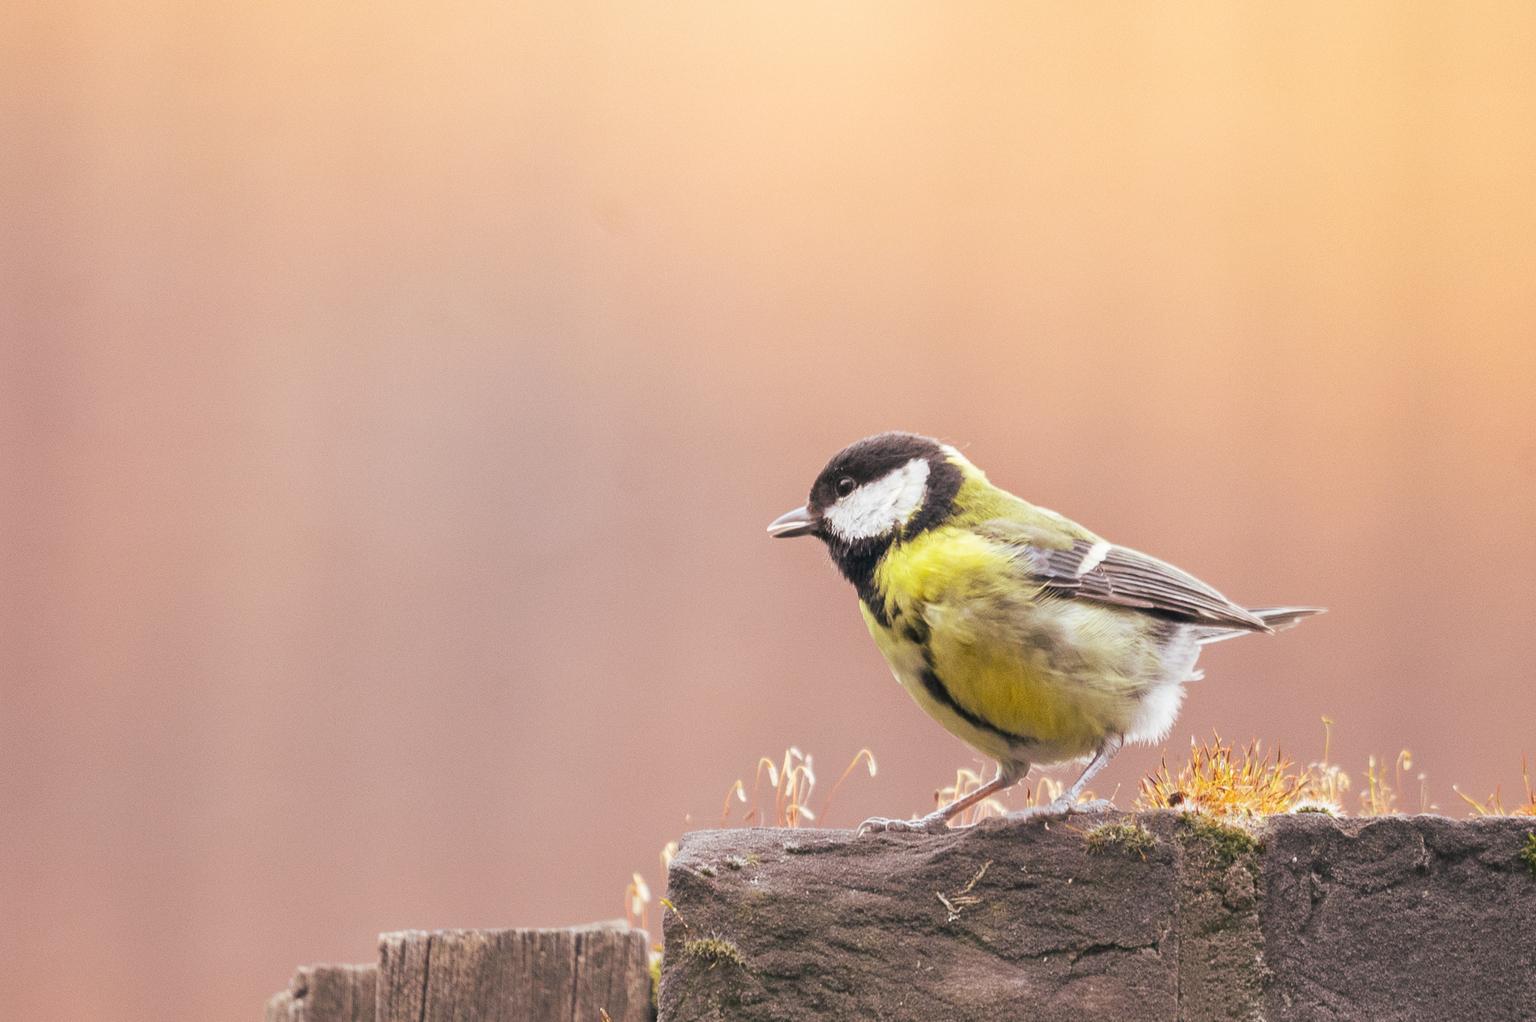 In mijn achtertuin - Ik woon in de binnenstad en heb een postzegel van een tuin. Maar toch wilde dit koolmeesje bij mij op bezoek komen. Gezellig toch? - foto door marielledevalk op 12-04-2021 - deze foto bevat: koolmees, vogel, natuur, voorjaar, lente, vogel, bek, veer, zangvogel, takje, hout, chickadee, neerstekende vogel, gouden gekroonde kinglet, dieren in het wild